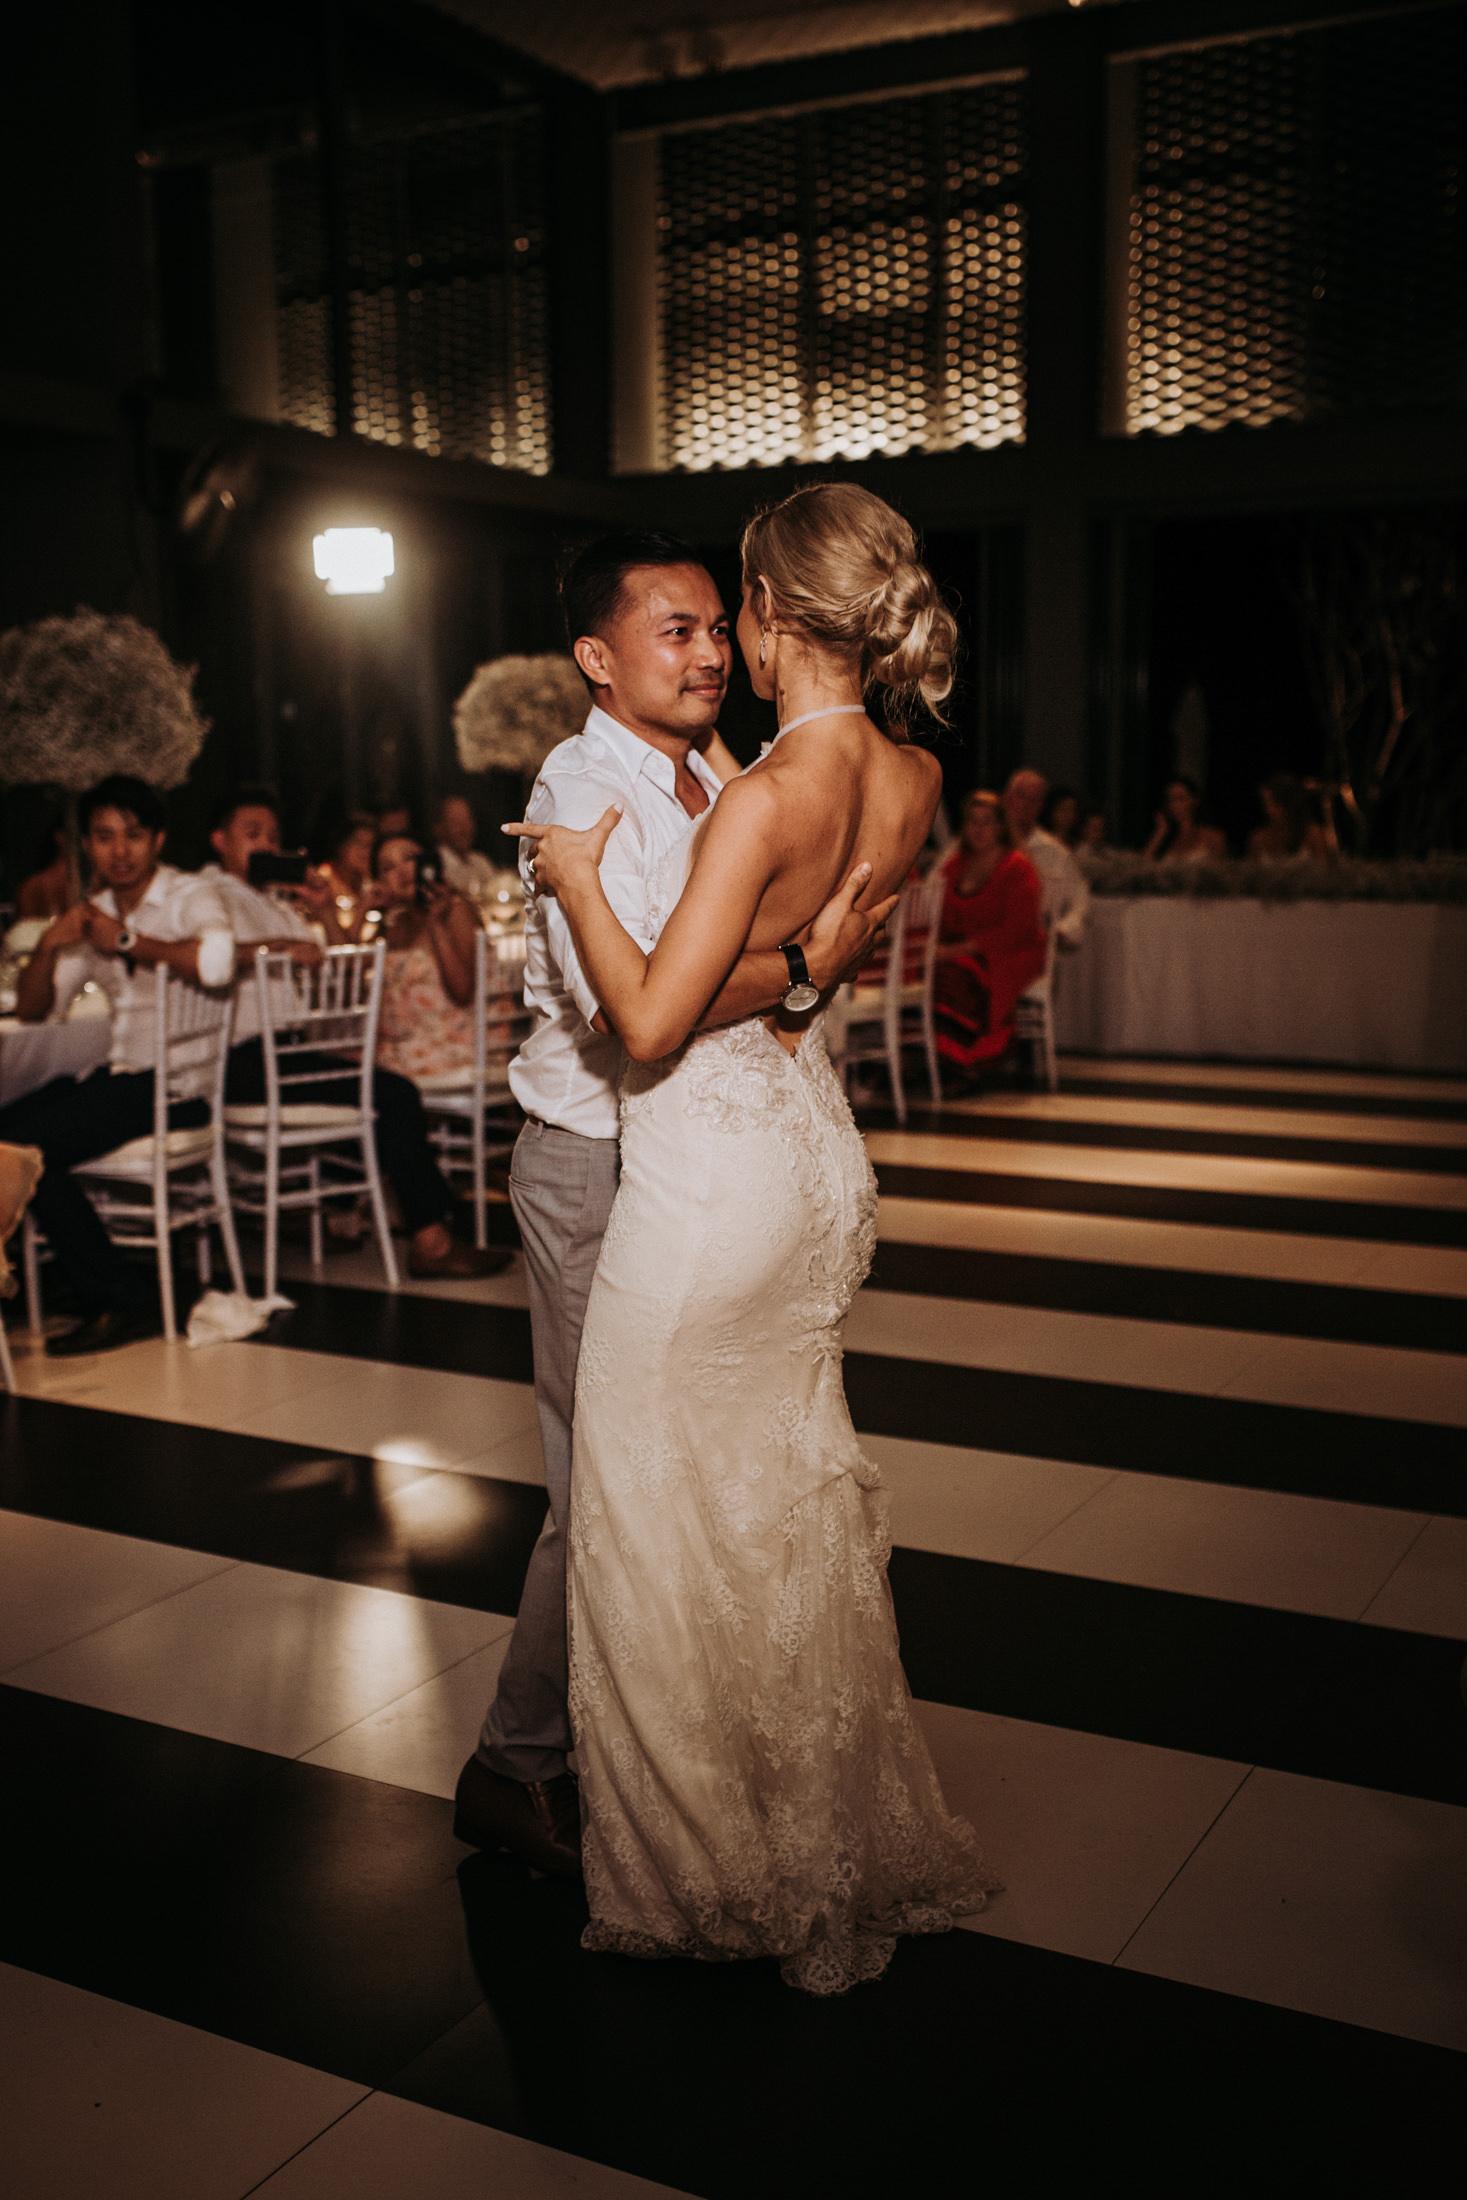 DanielaMarquardt_Wedding_Thailand_409